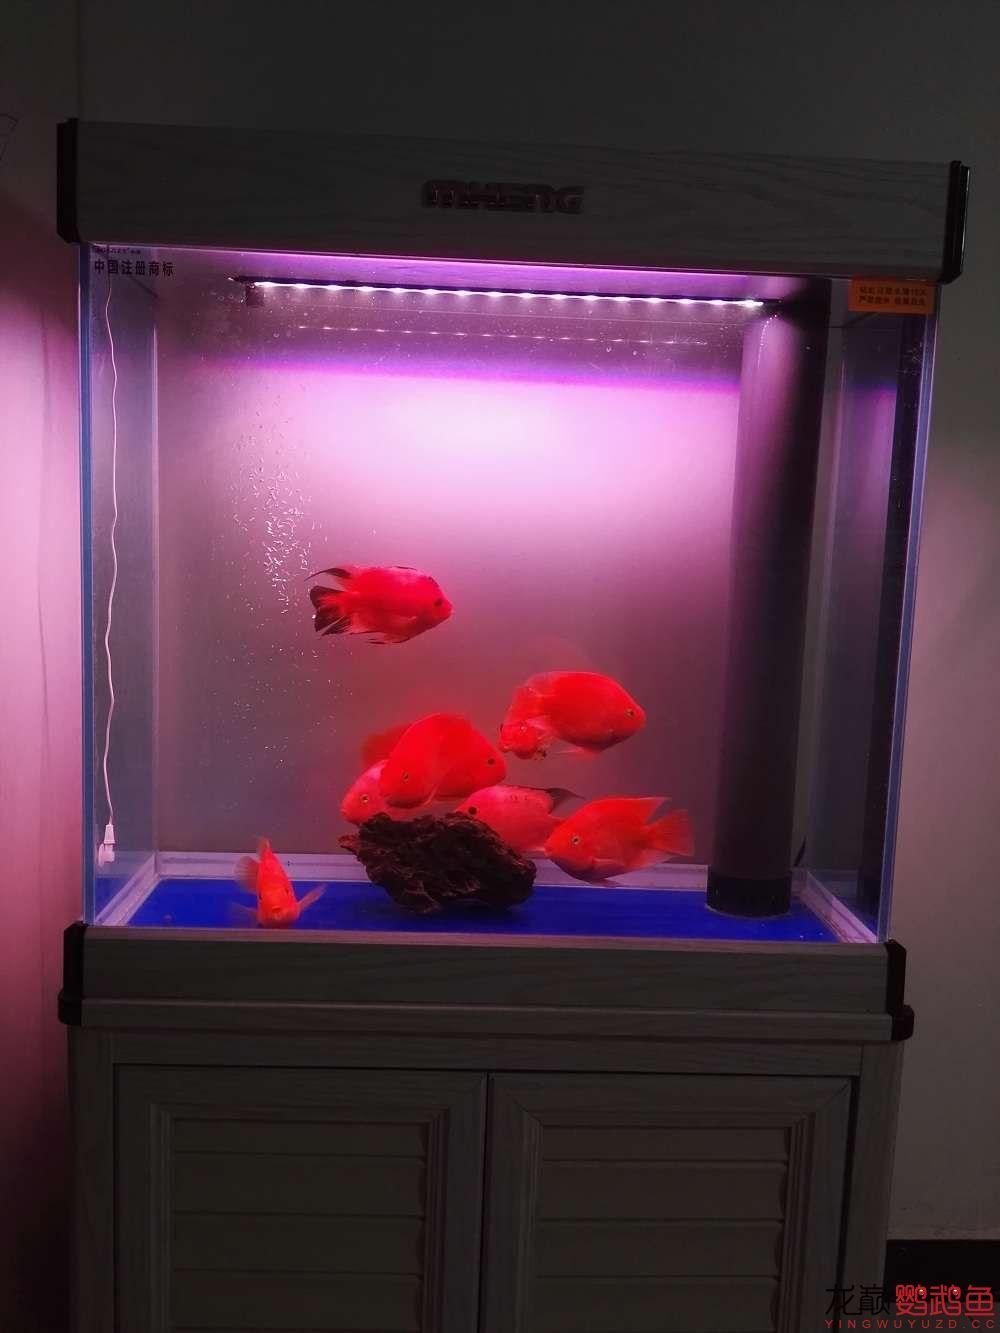 吉印刀锋S鹦鹉鱼LED引色灯水中贵族的体验 北京龙鱼论坛 北京龙鱼第22张